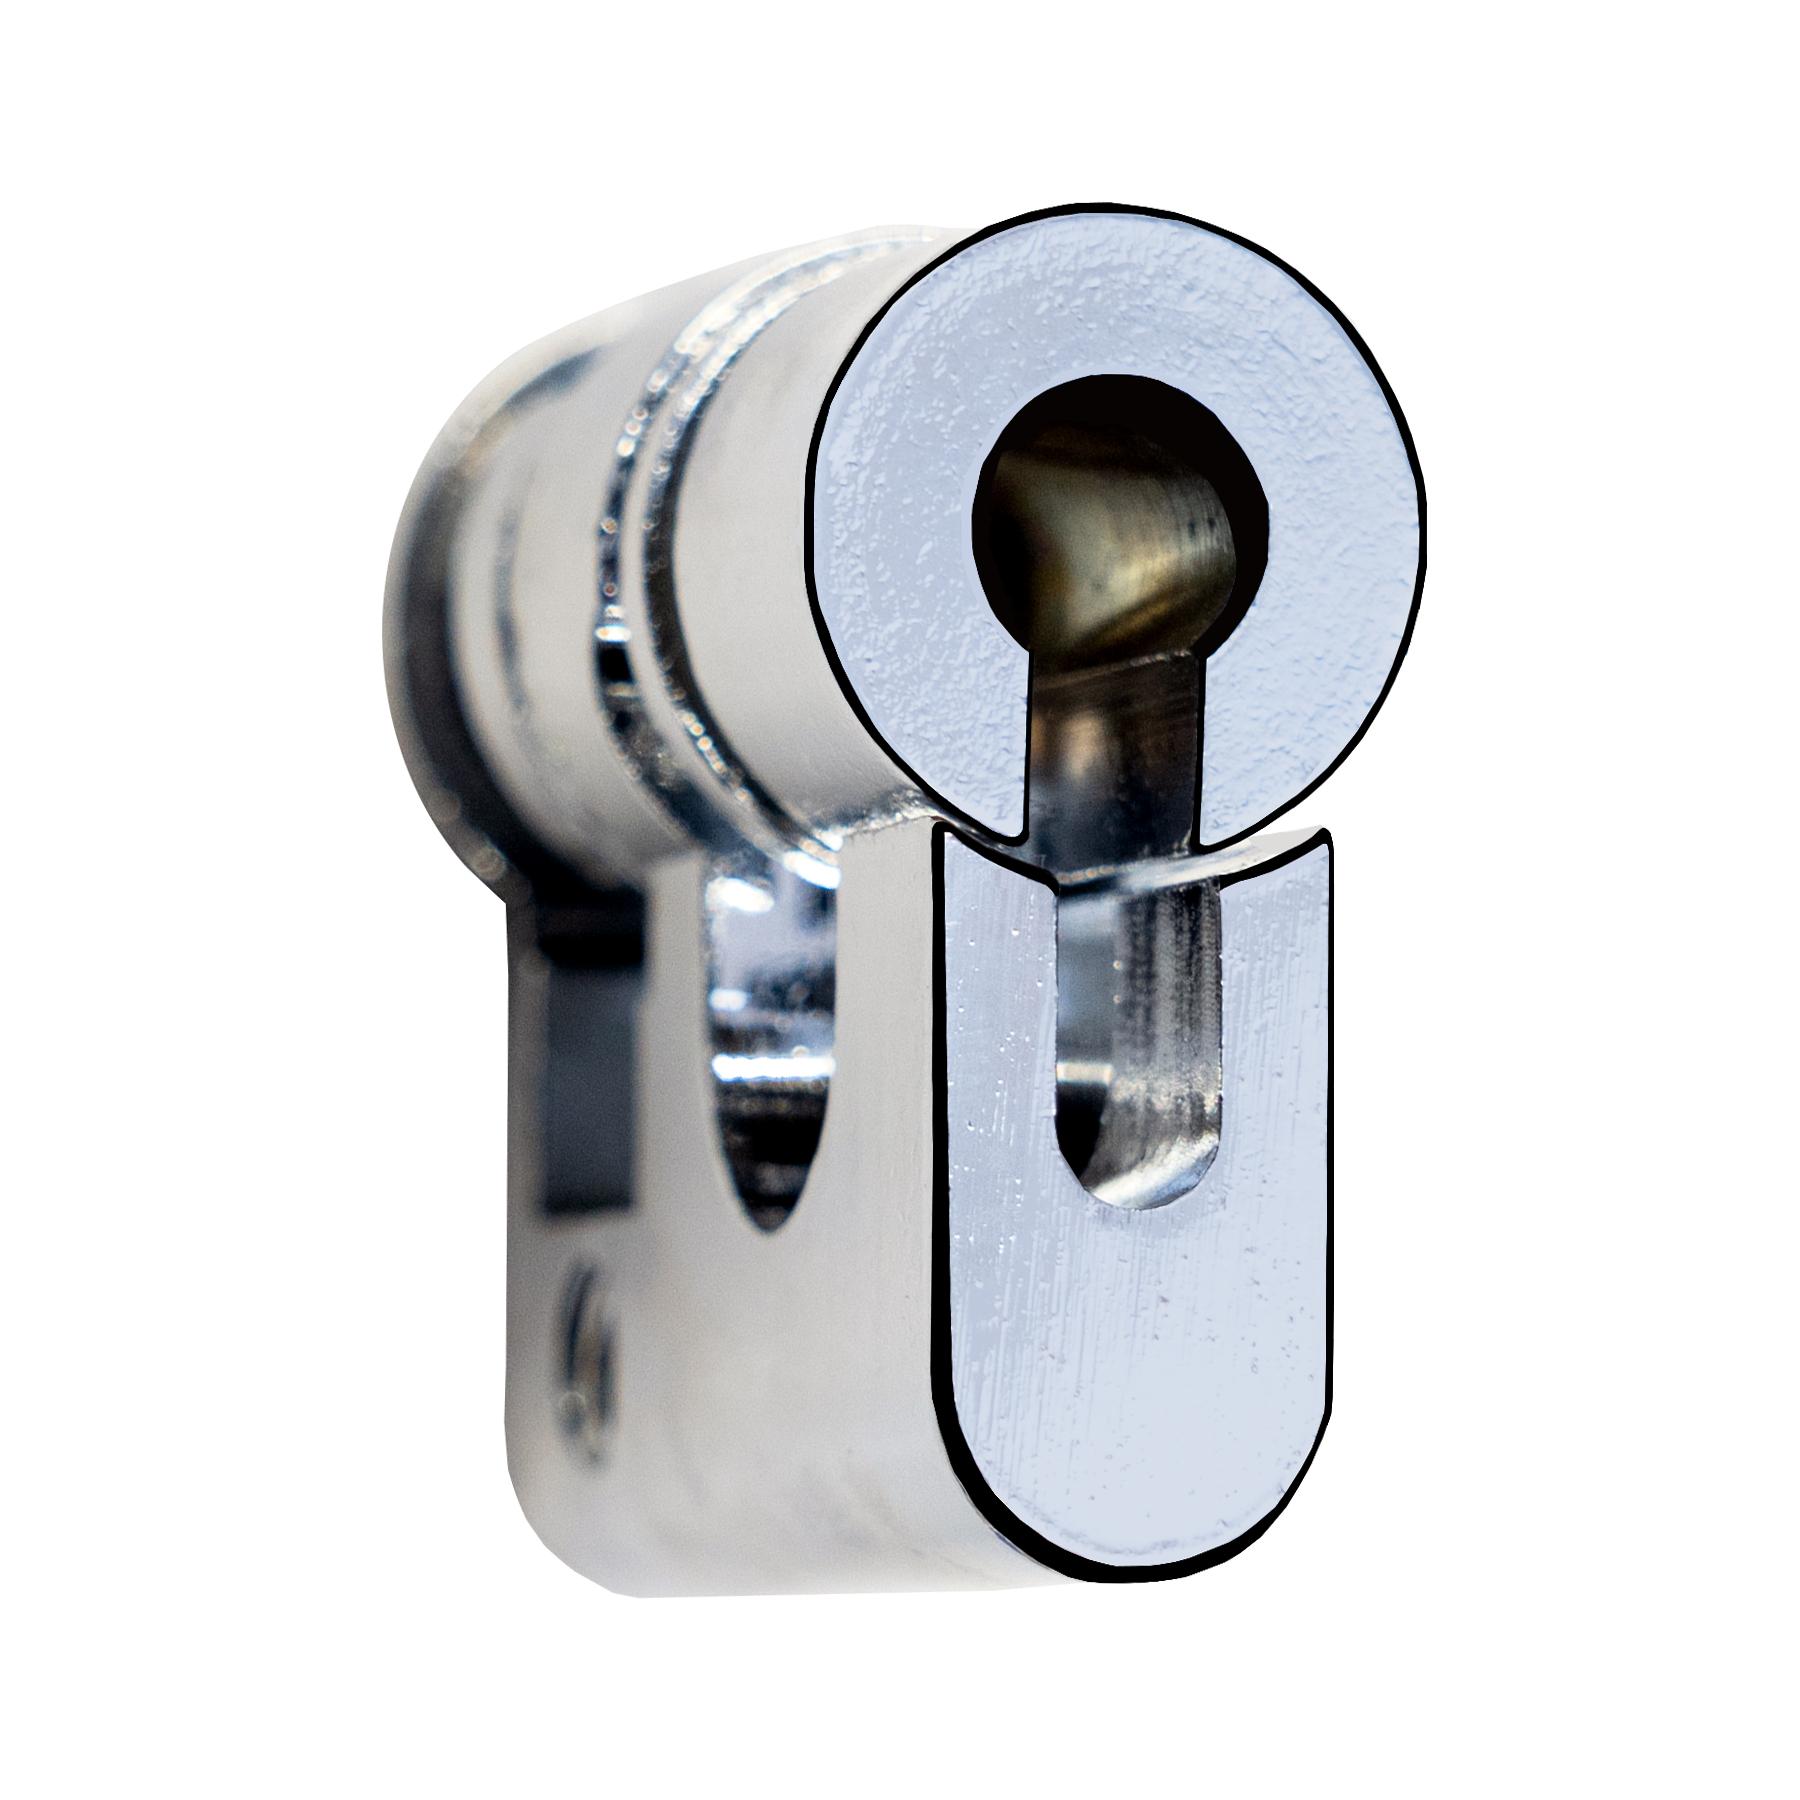 1 Stk 61005 Halbzylinder Einsatz zu Schwenkhebel IL900205-F IU001916--